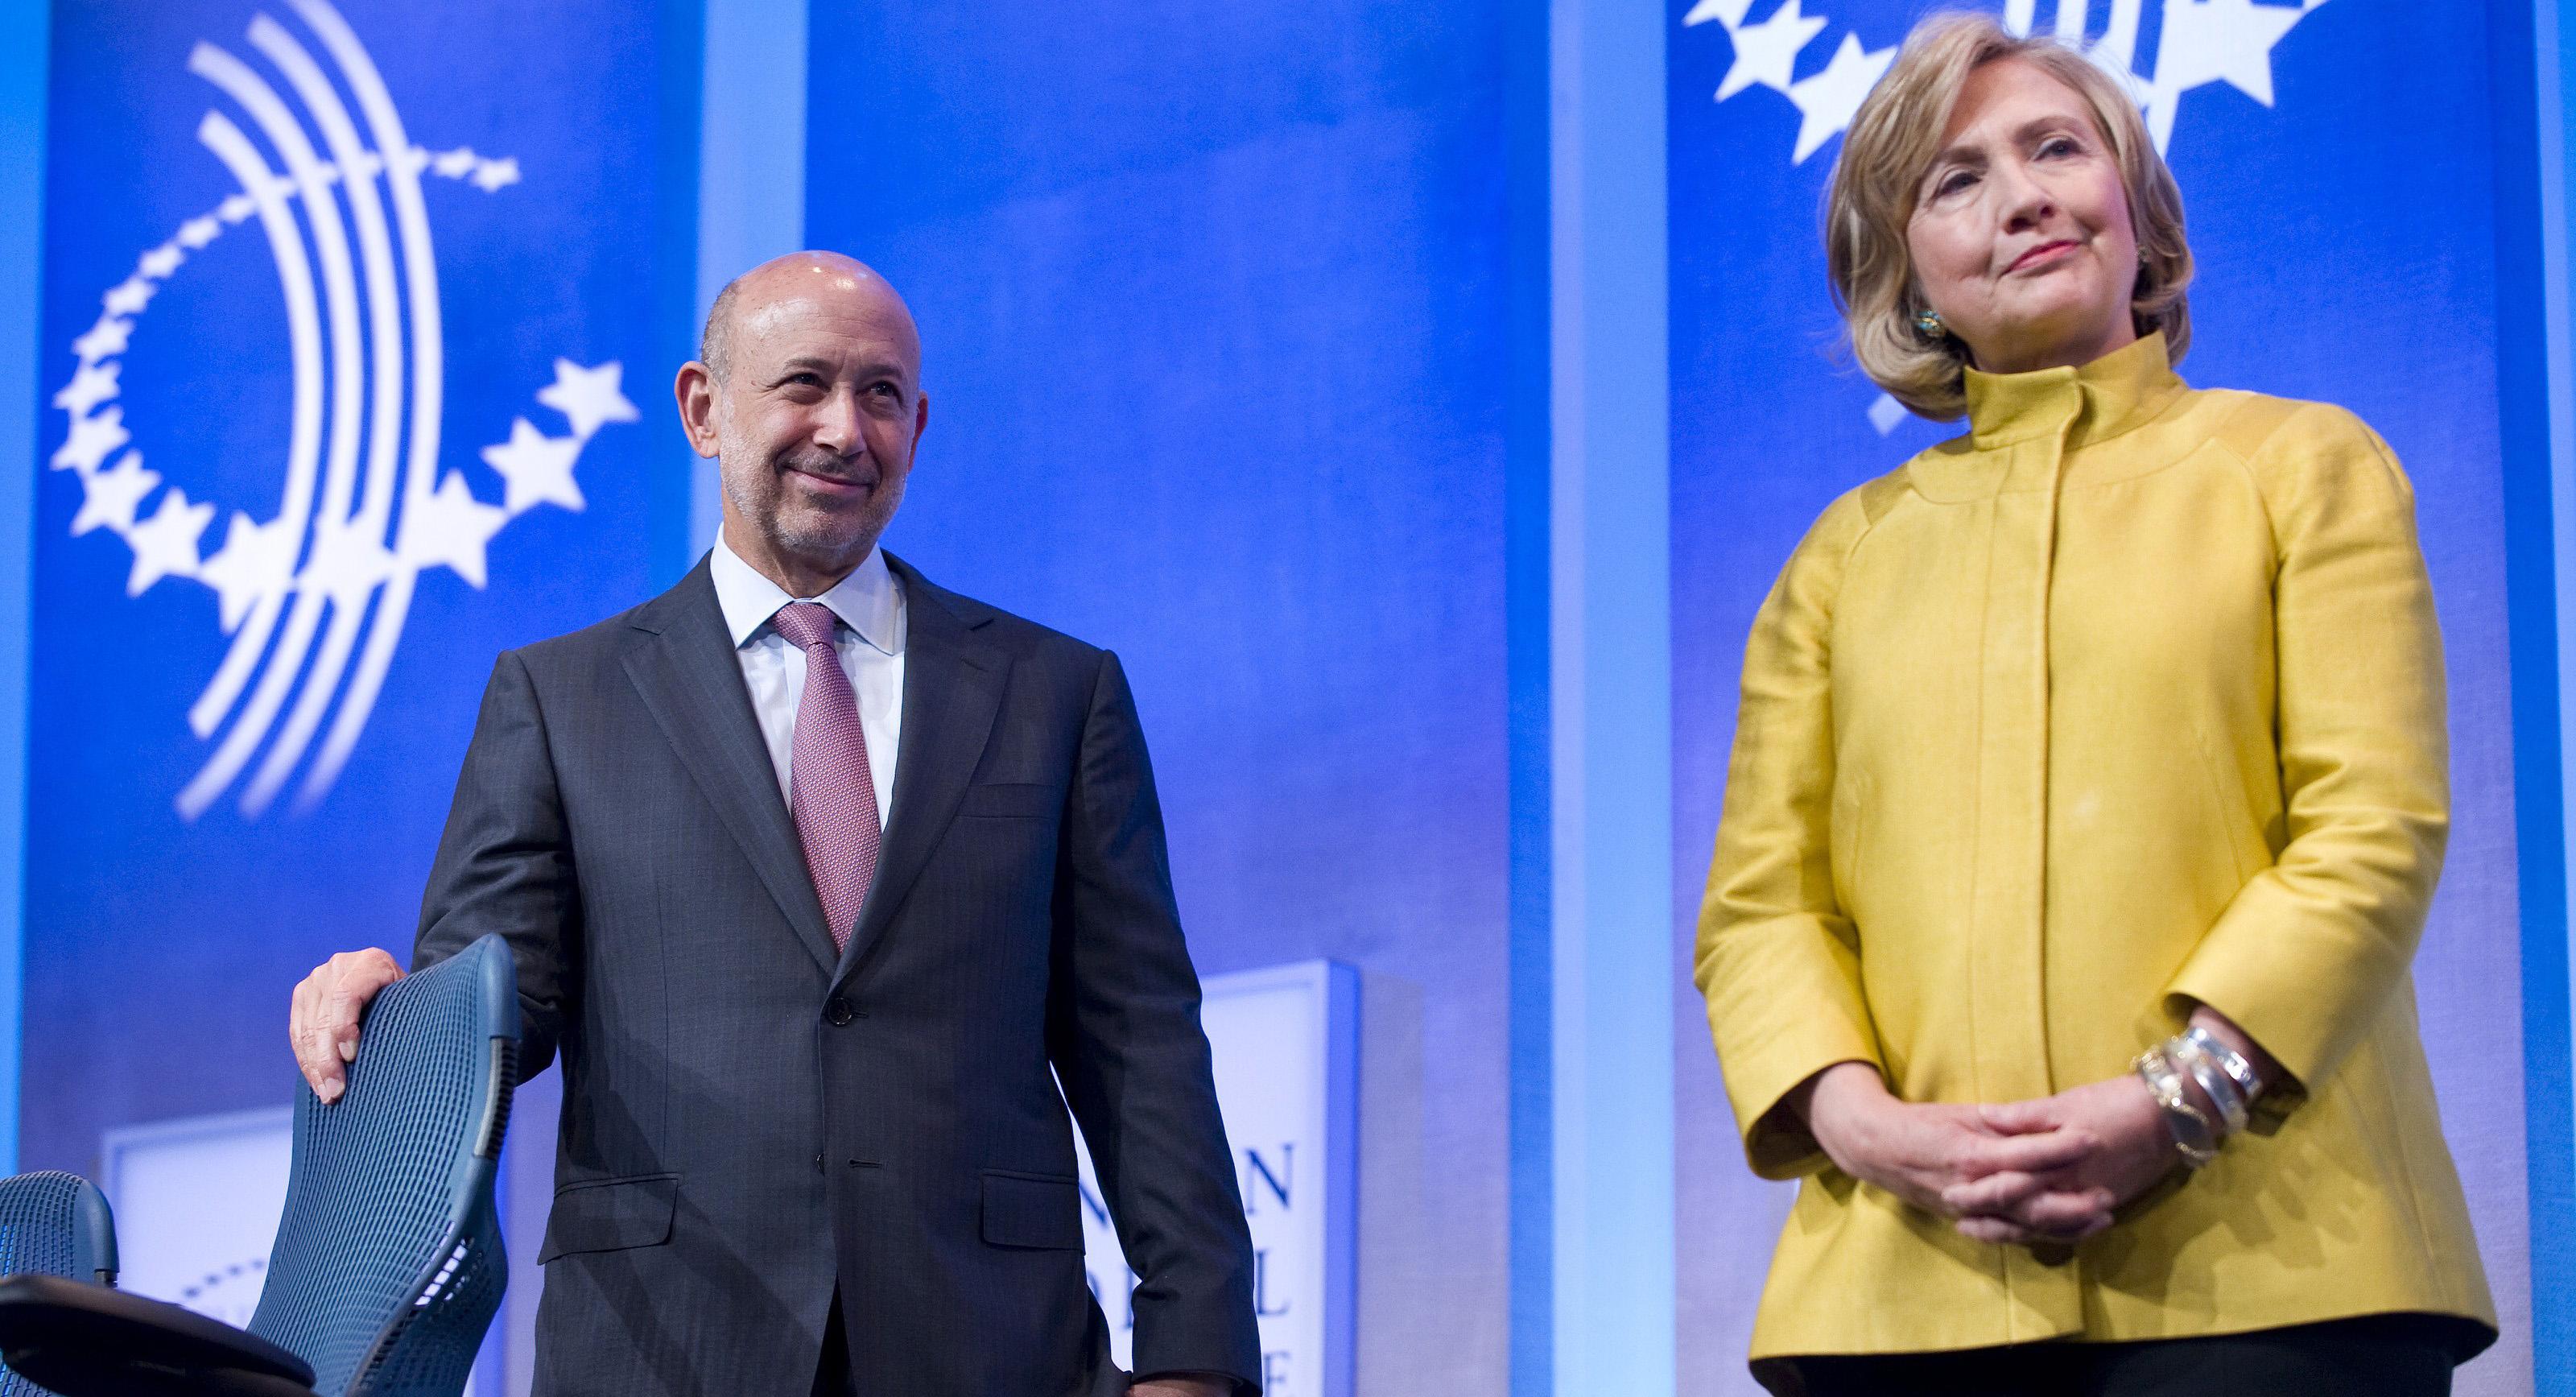 """Politico hedabidetik hartutako argazkian Hillary Clintonen ondoan Lloyd Blankfein Goldman Sachs bankuko buru nagusia. Berea bezalako finantza erakundeek eragindako krisi betean esan zion kazetariari: """"Ni ez naiz bankero bat baizik, Jainkoaren lana egitera"""